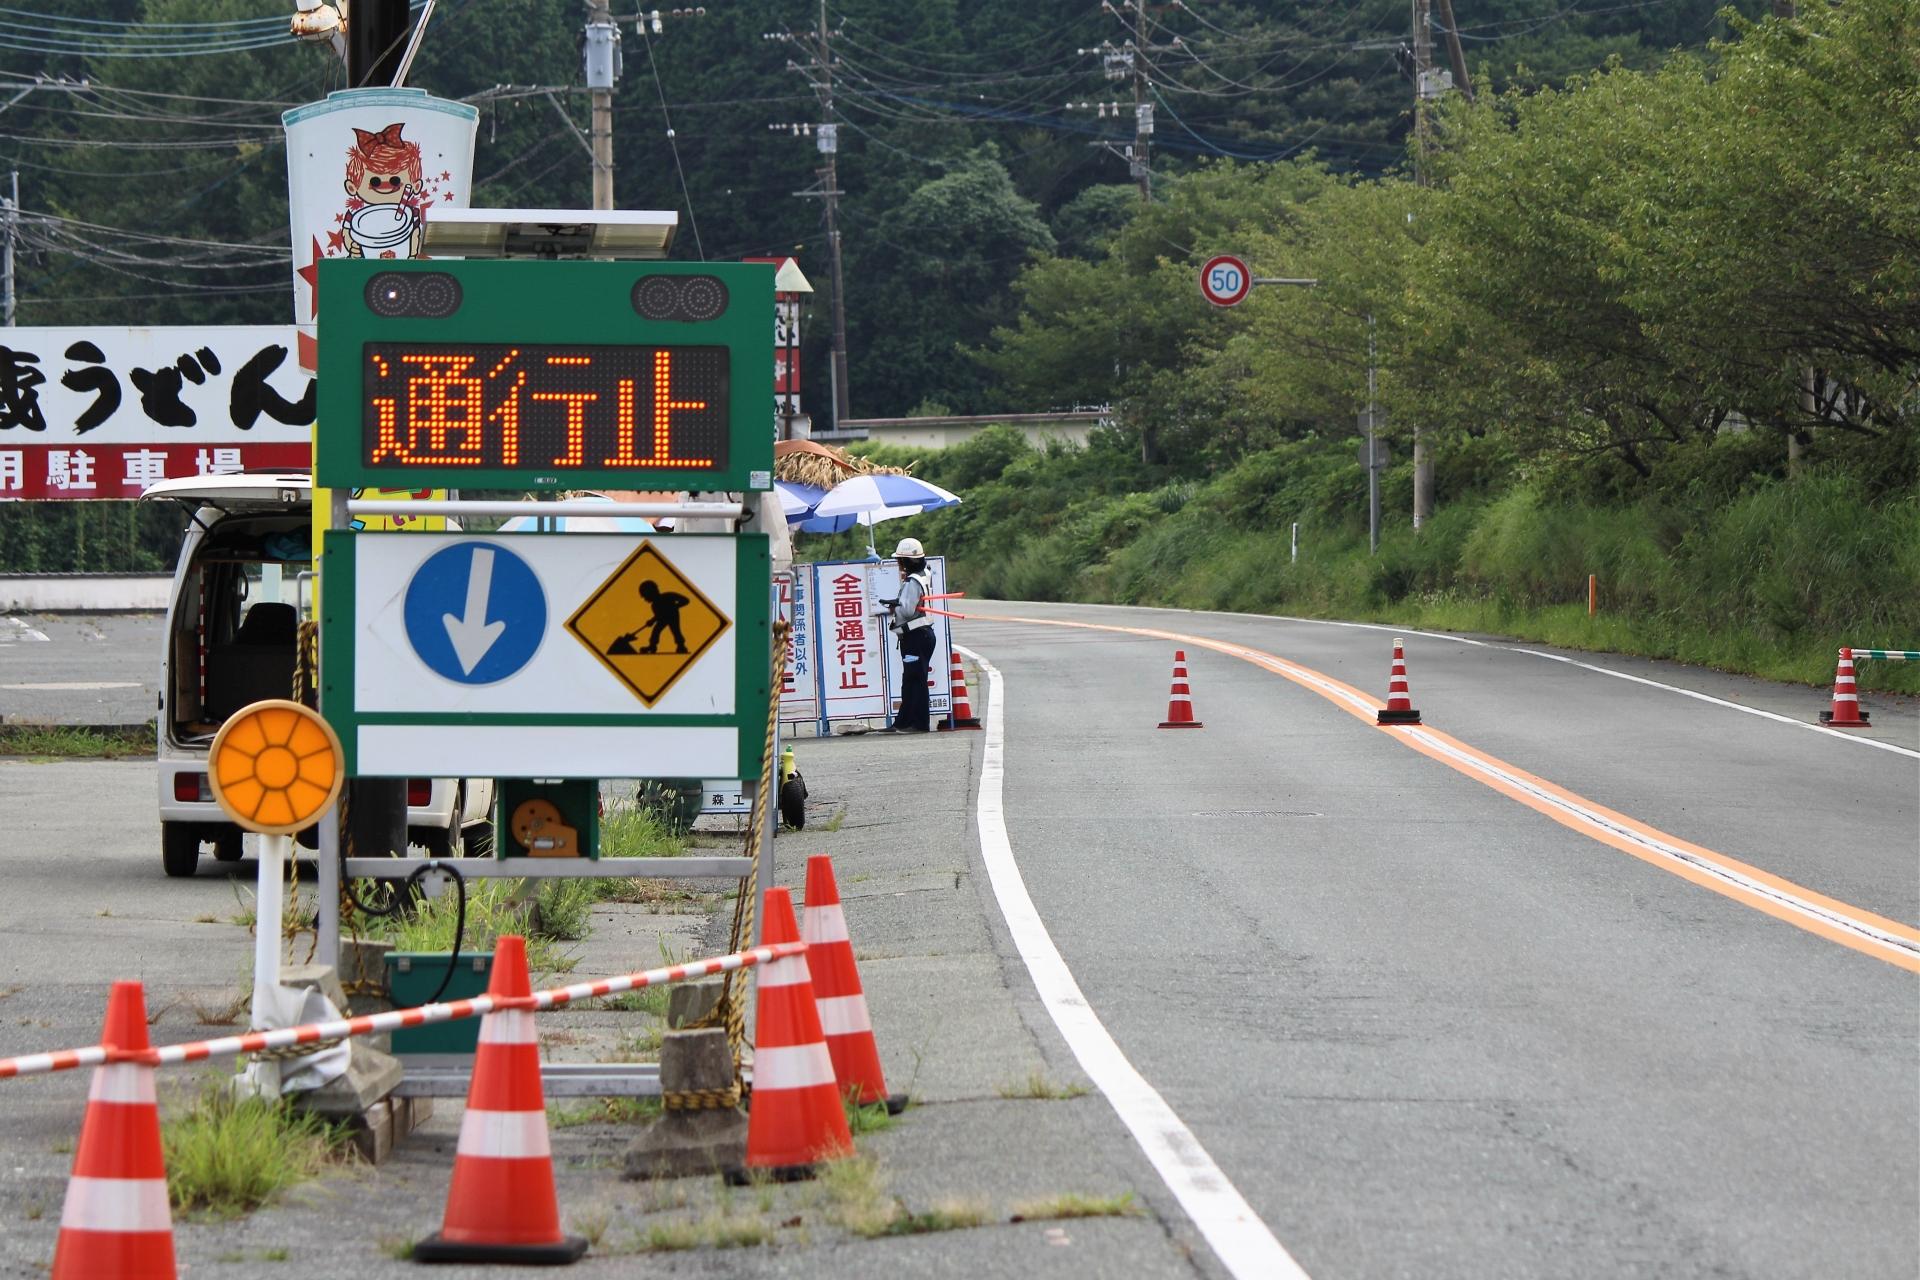 こんな時はどうする?高速道路を走行中に大地震が起こった時に取るべき行動